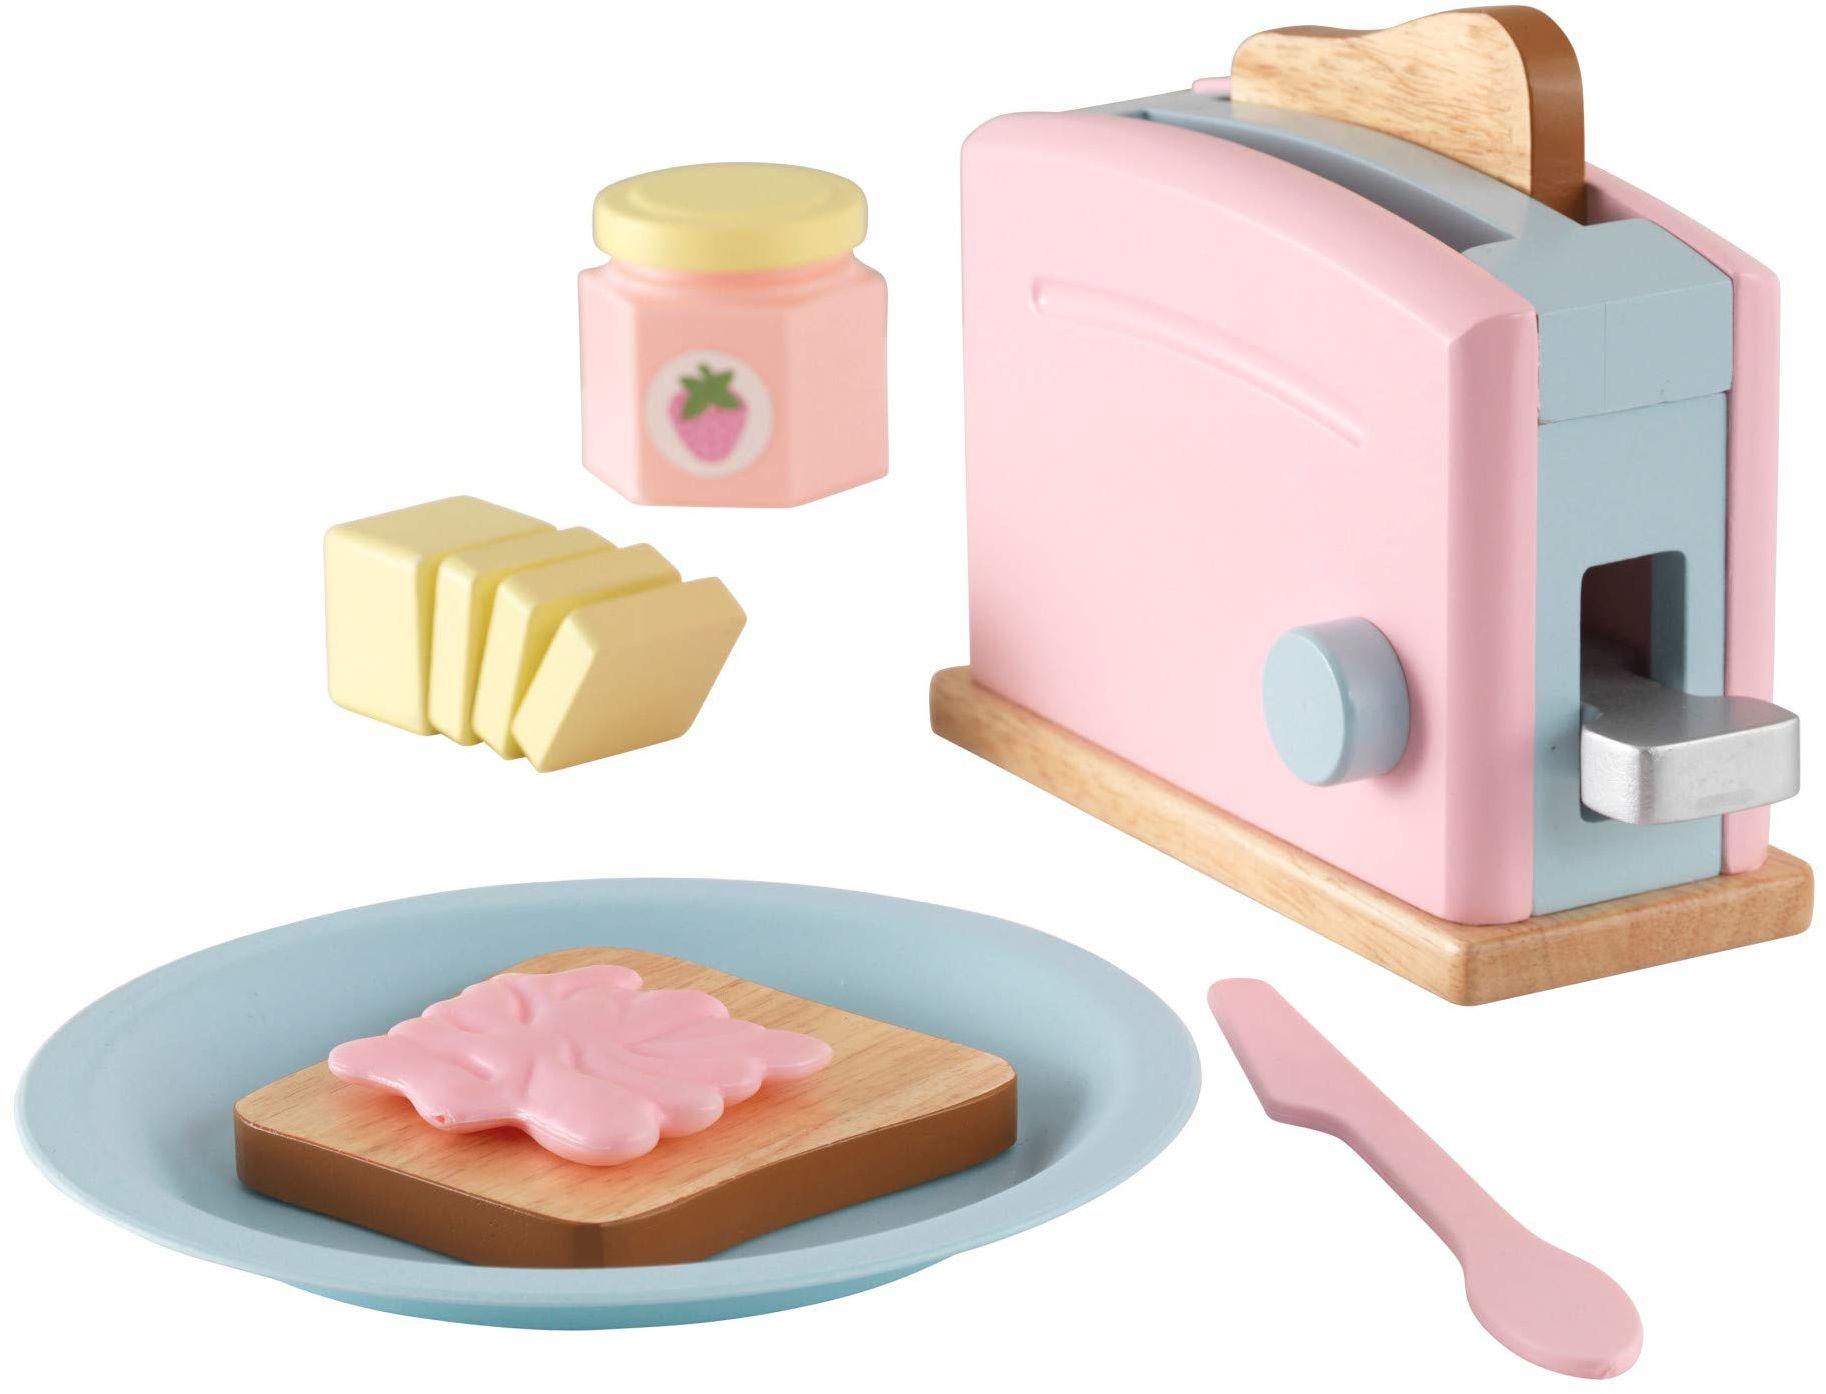 KidKraft 63374 pastelowy toster drewniany udawany zestaw do jedzenia, naczynia kuchenne i akcesoria dla dzieci do zabawy w kuchni